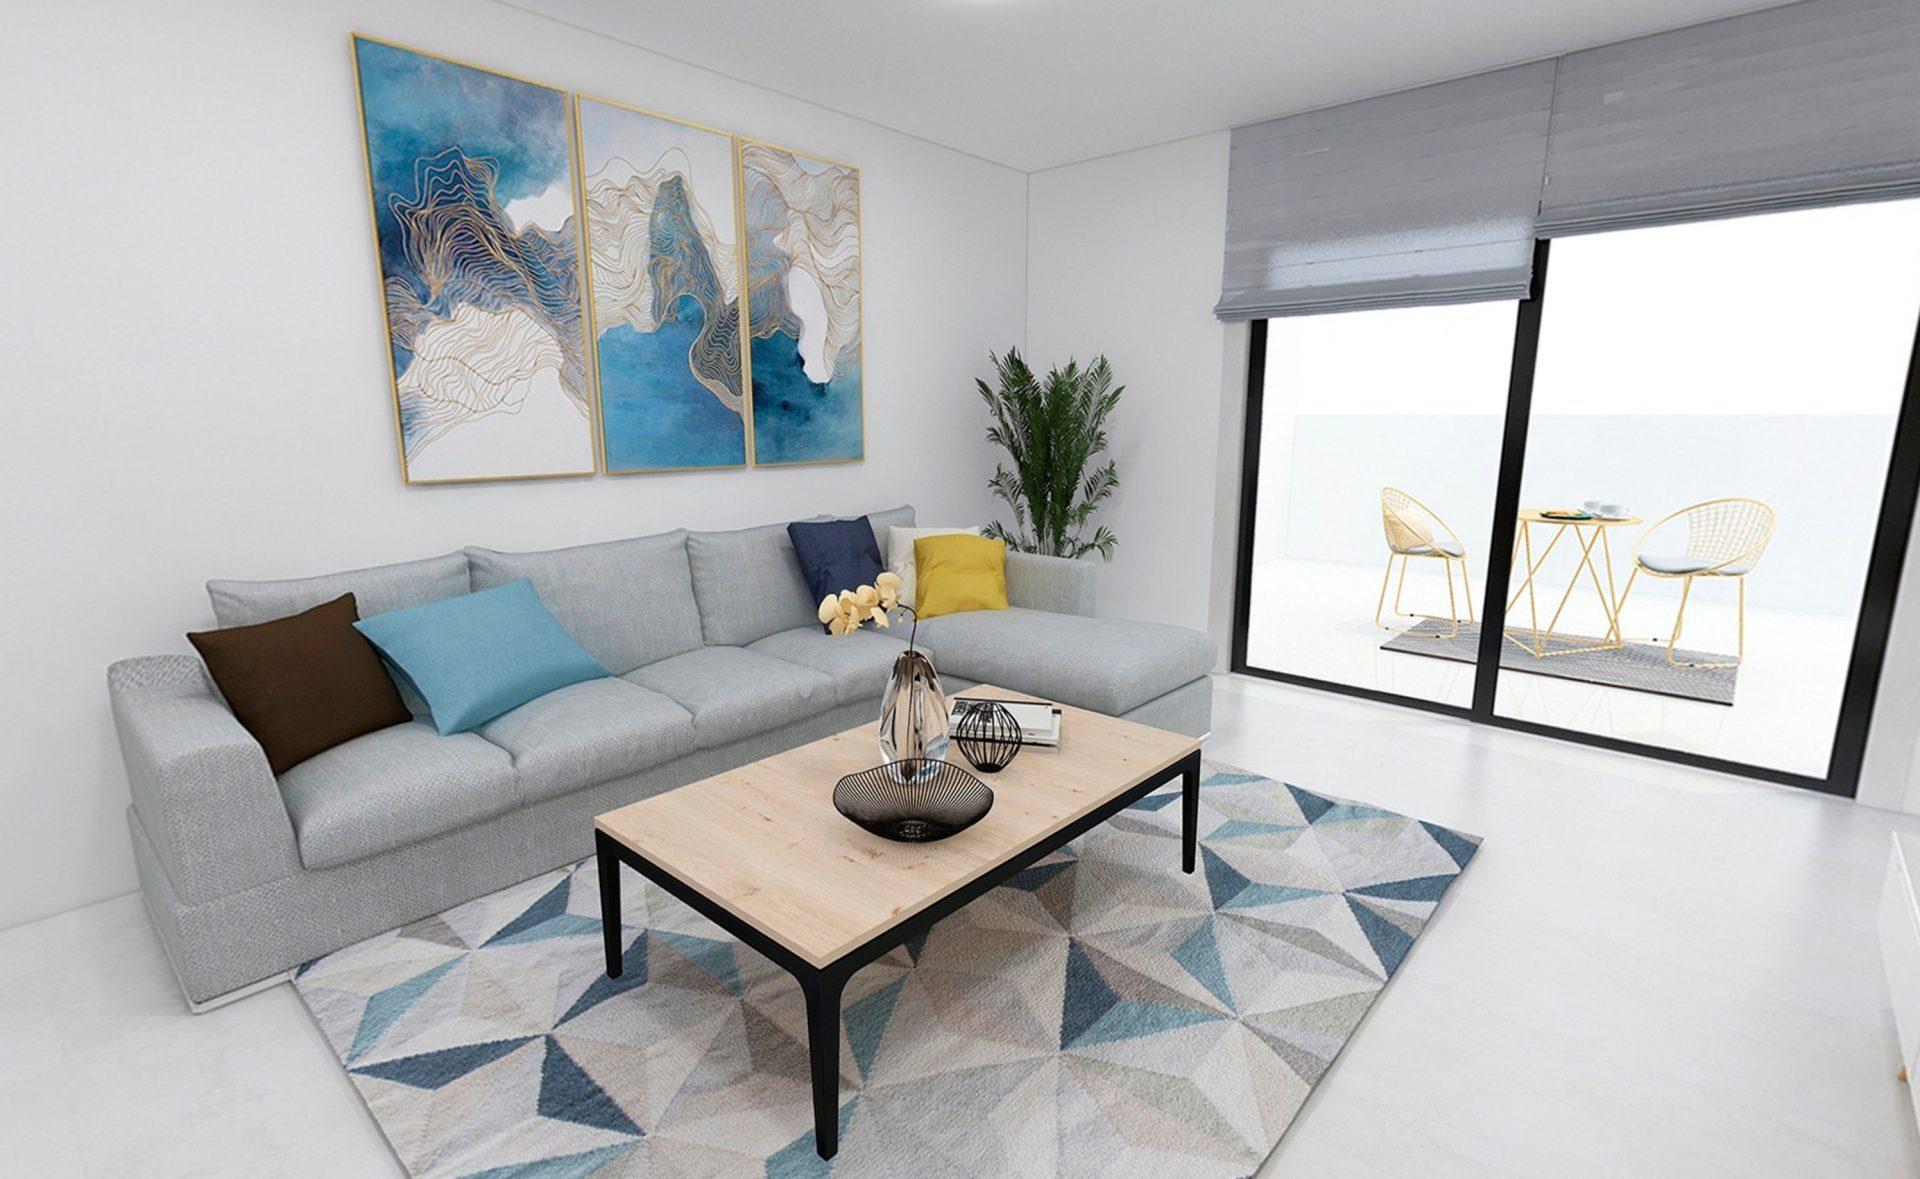 Superb Ex Show home 2 Bed 2 Bath Top Floor Apartment 3